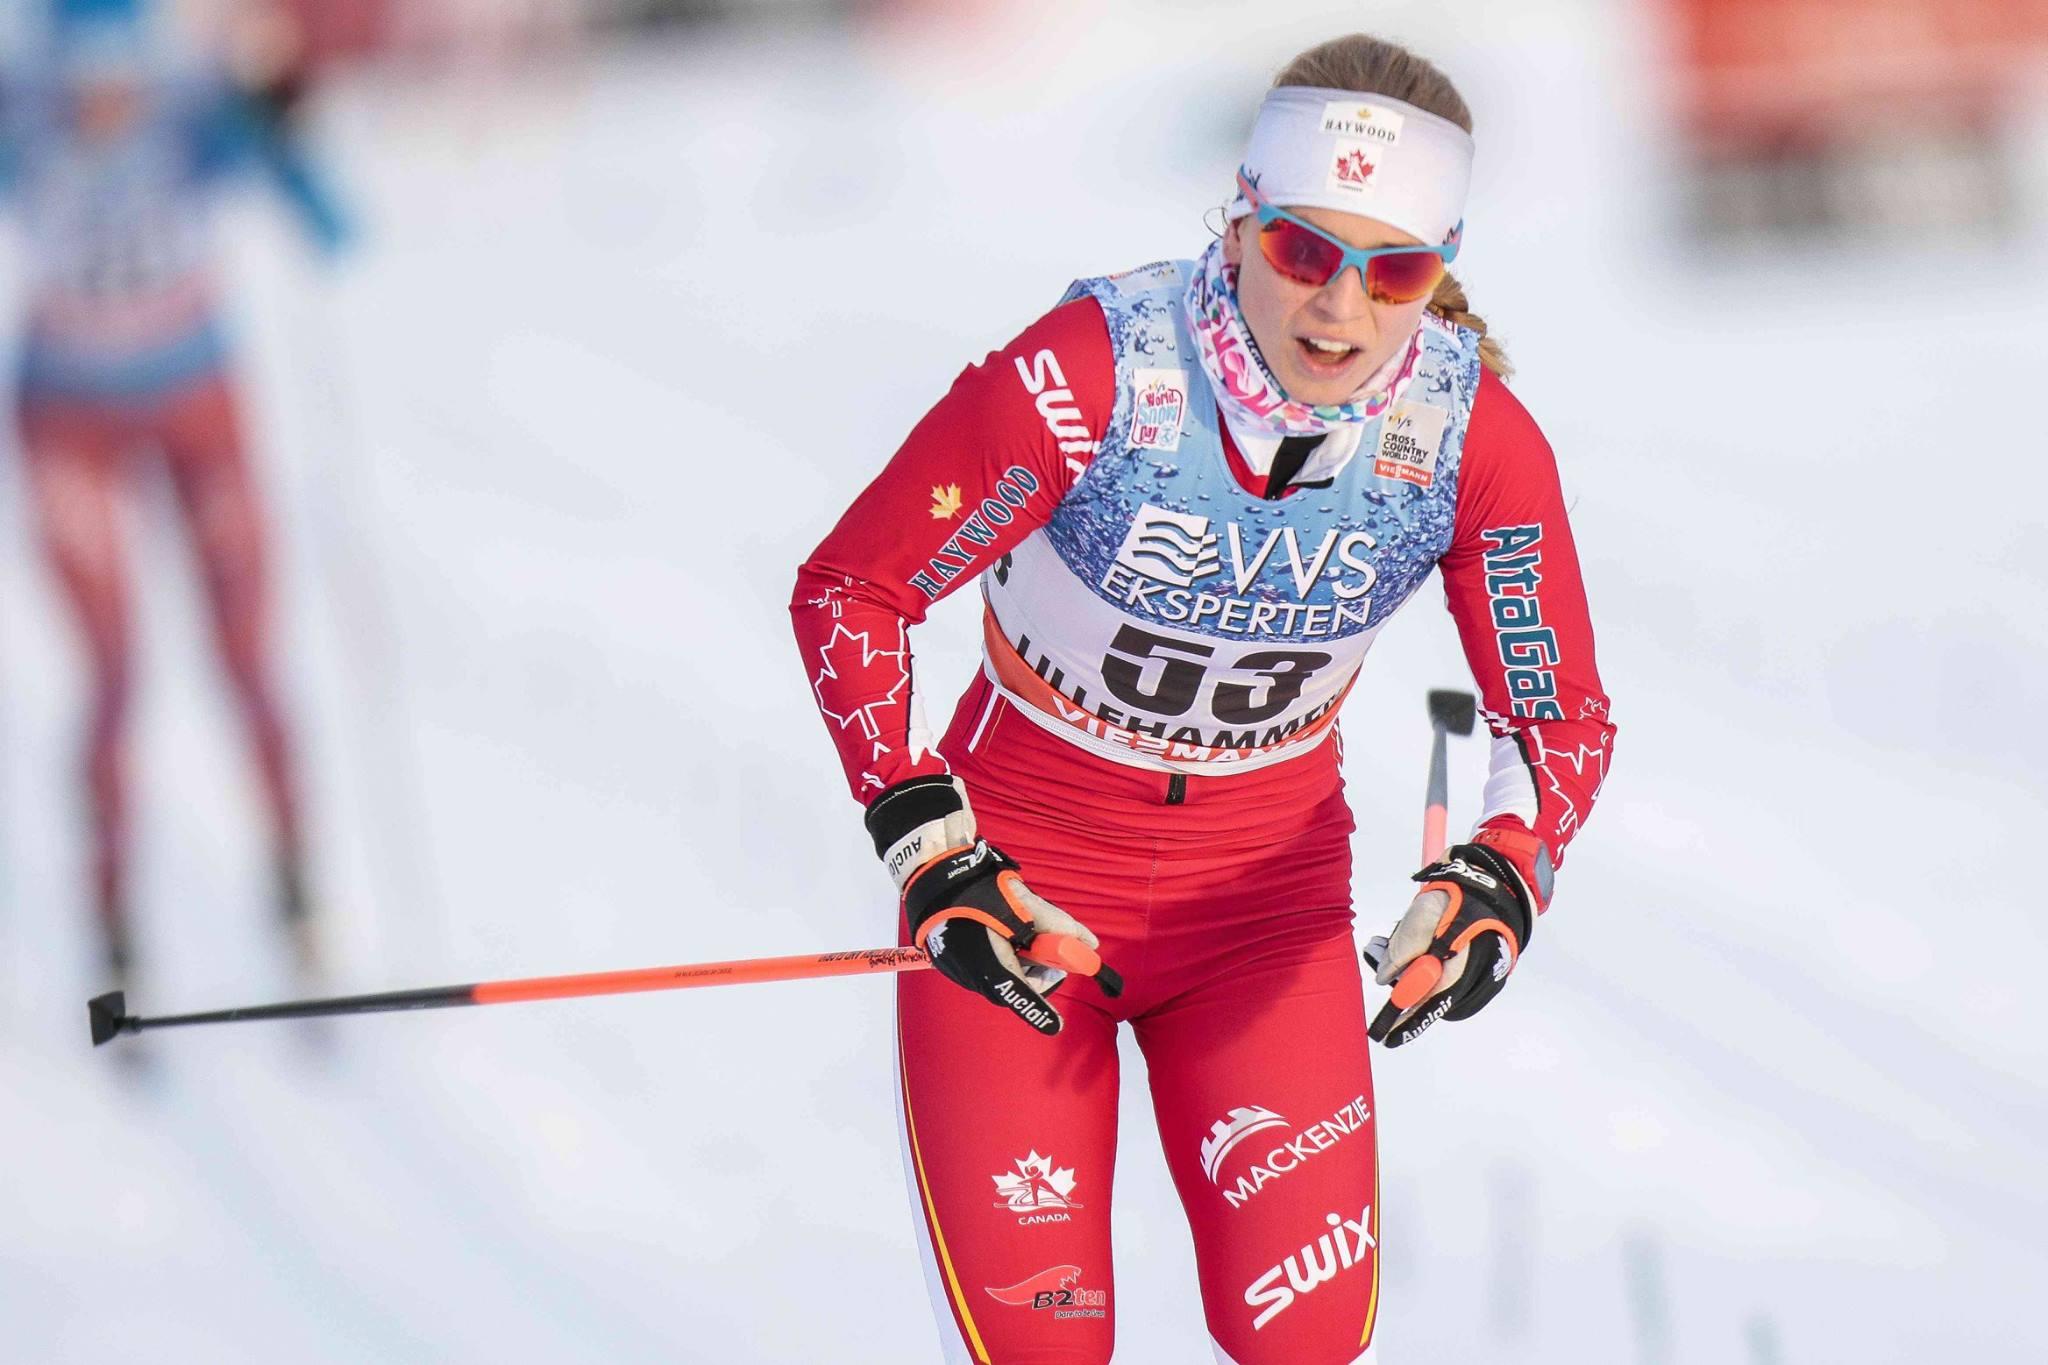 Cendrine Browne (photo: Nordic Focus)